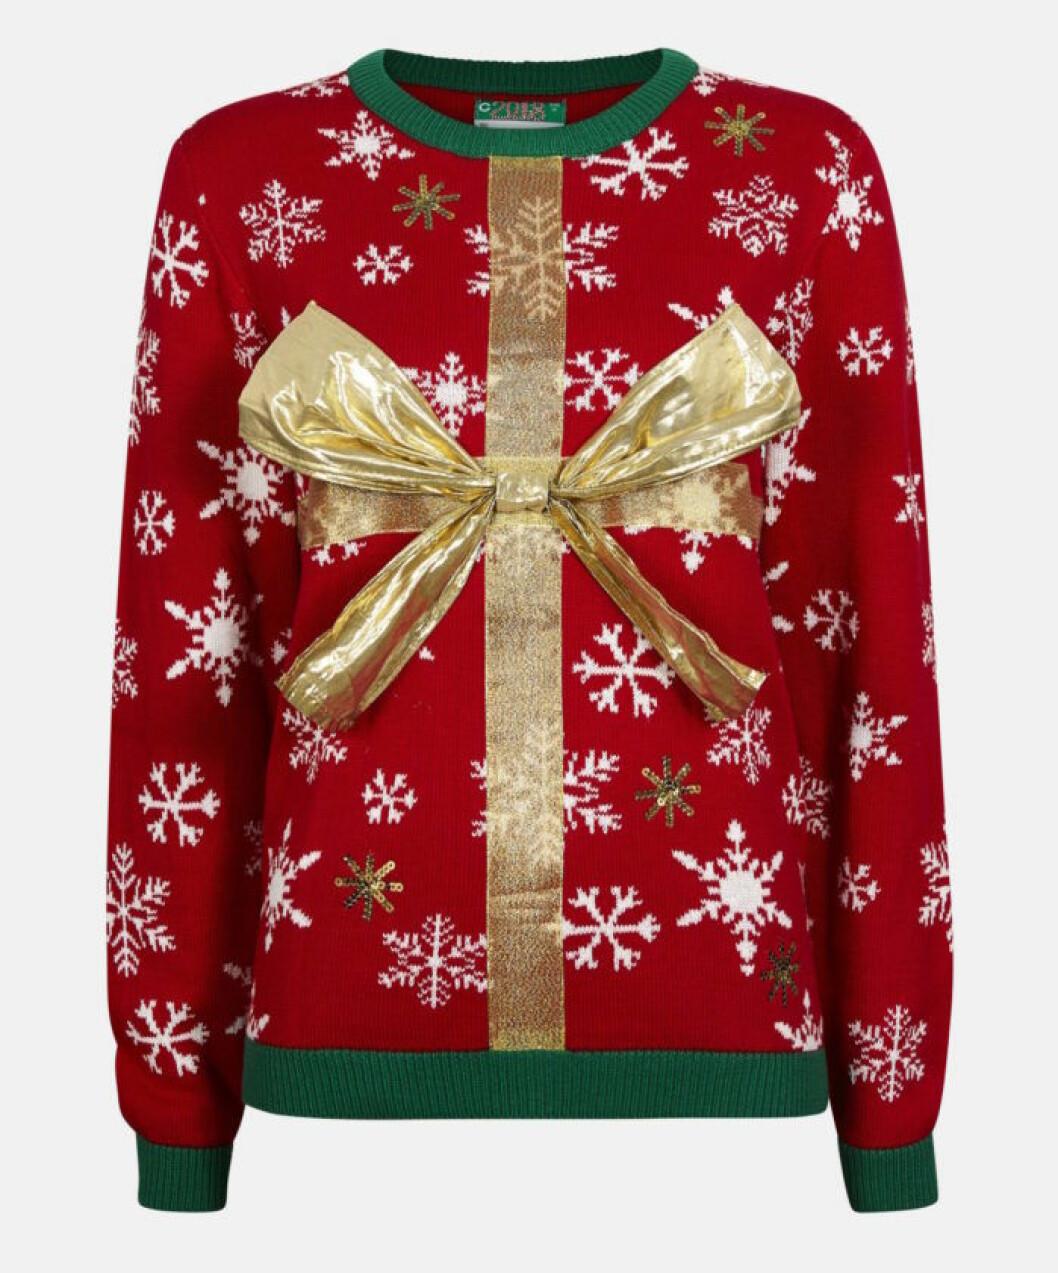 Ful jultröja till julen 2018